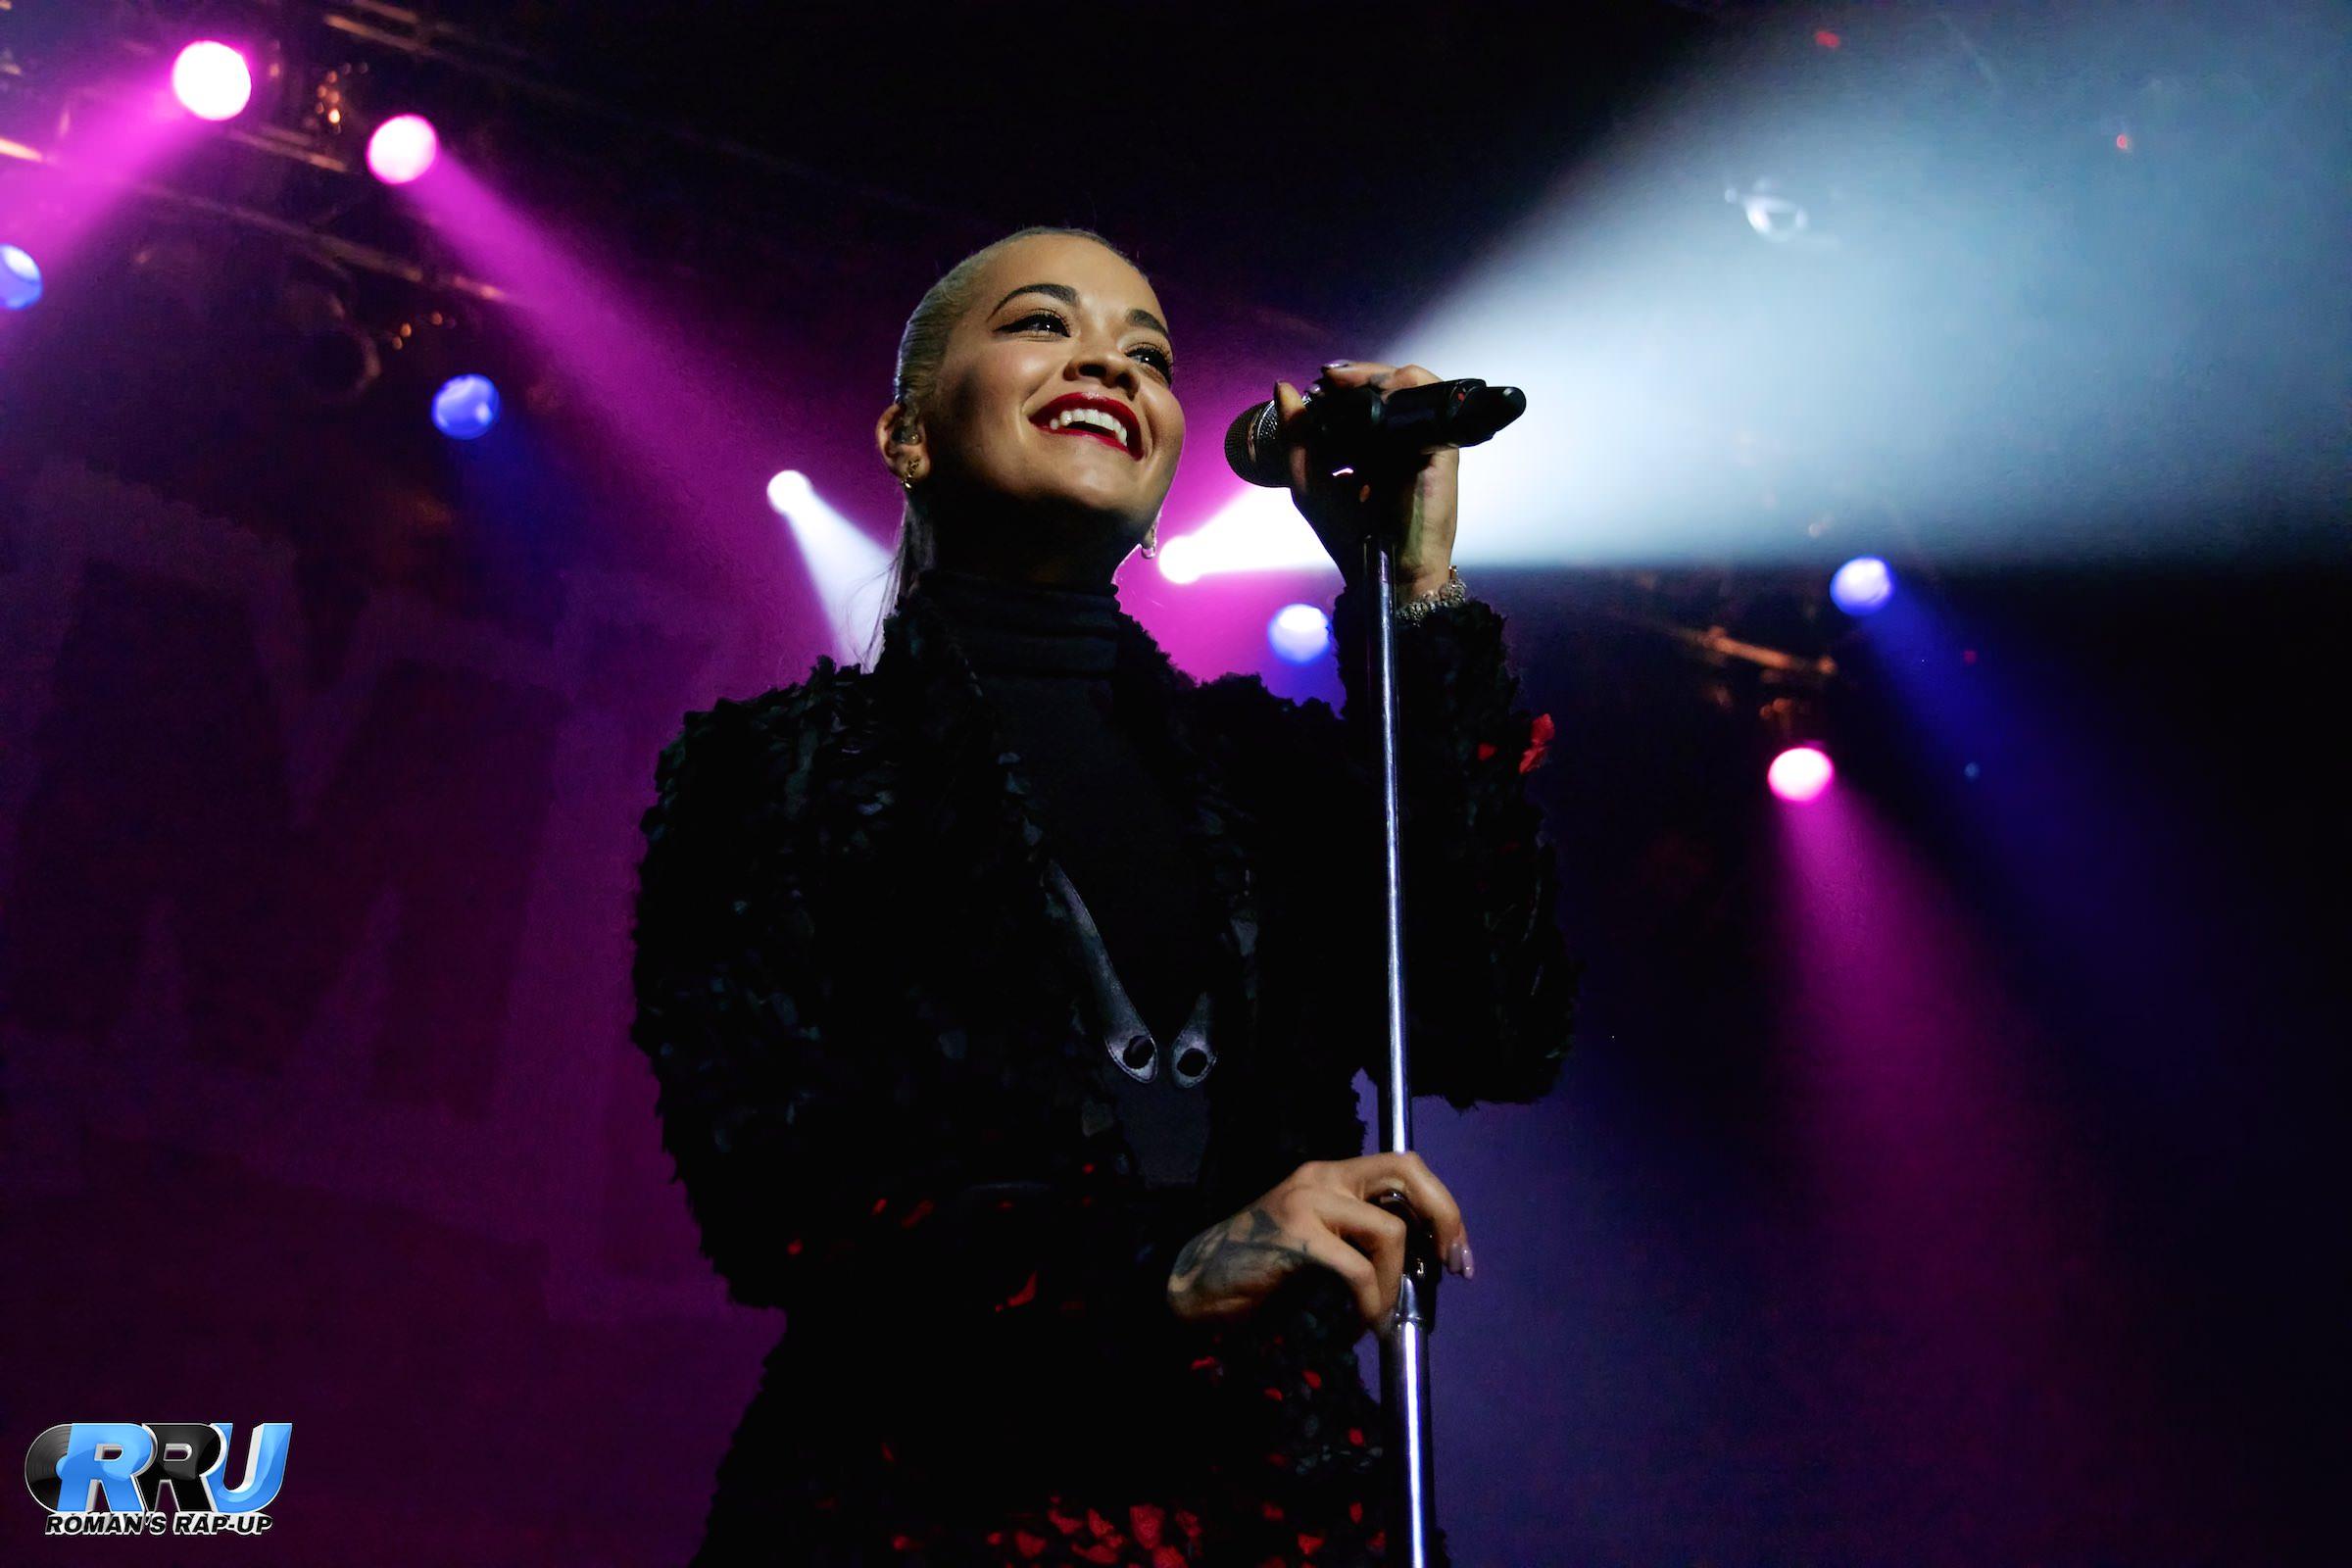 Rita Ora performs at Jam'n 94.5's Block Party on September 13th, 2015 (Benjamin Esakof/Roman's Rap-Up).